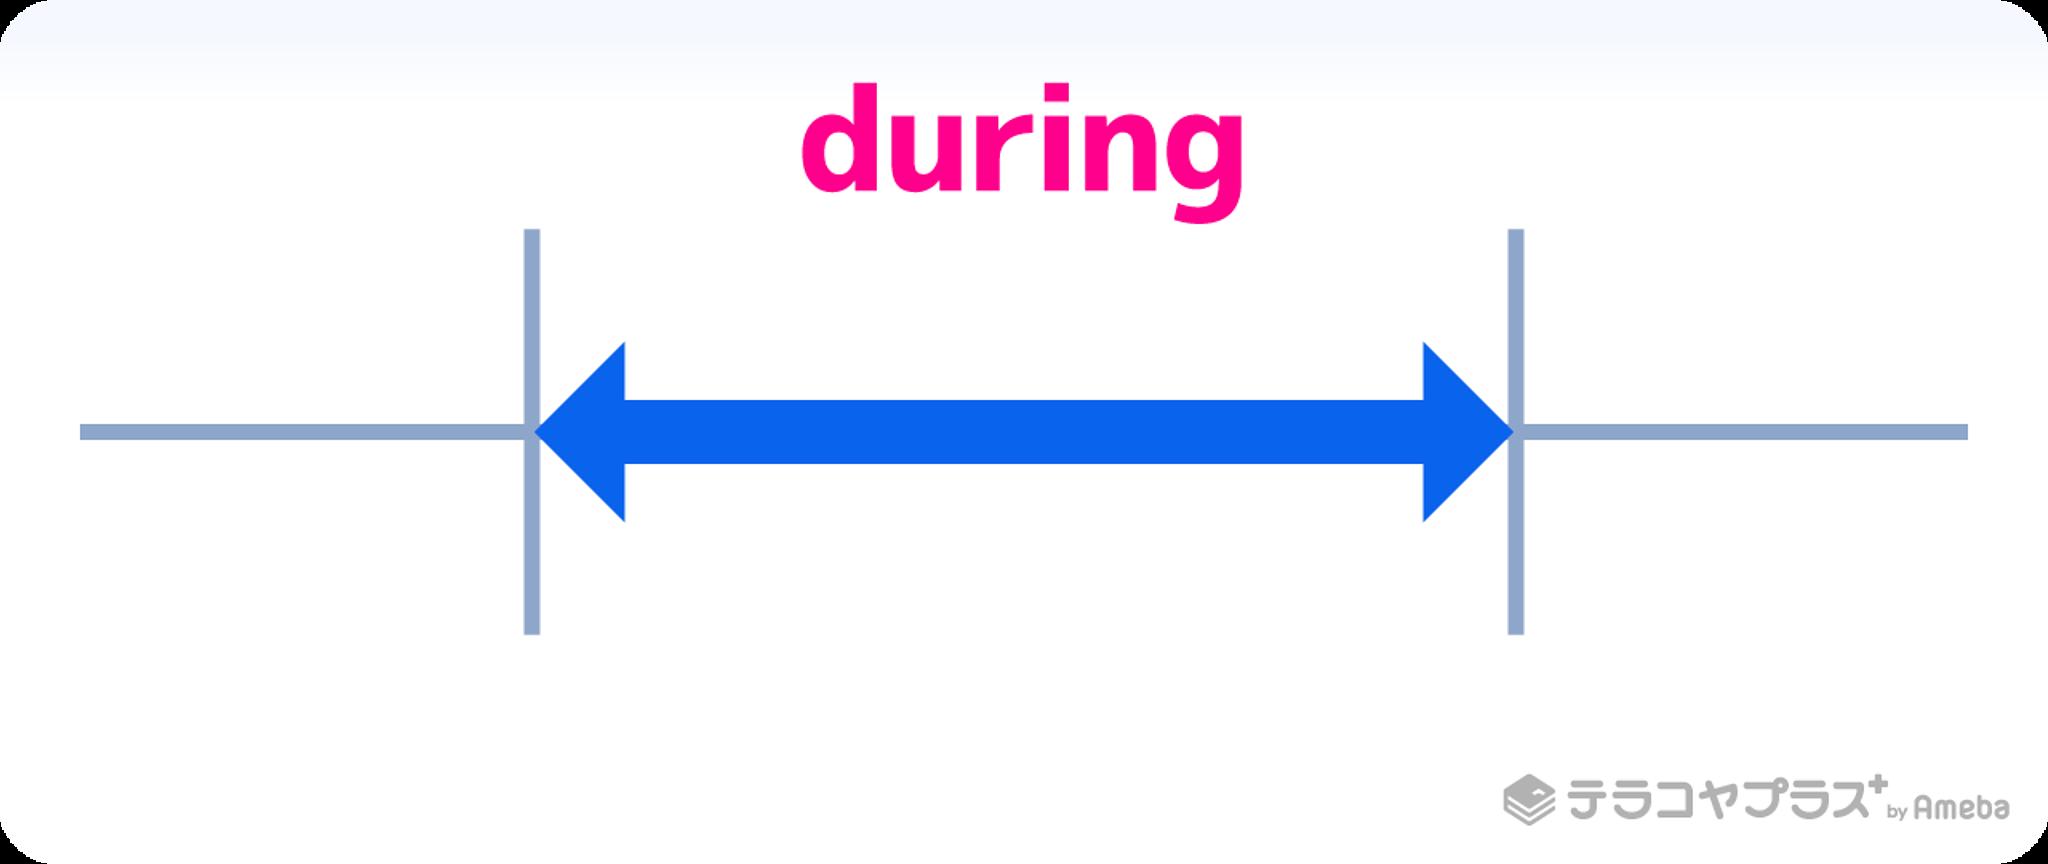 前置詞duringイメージイラスト